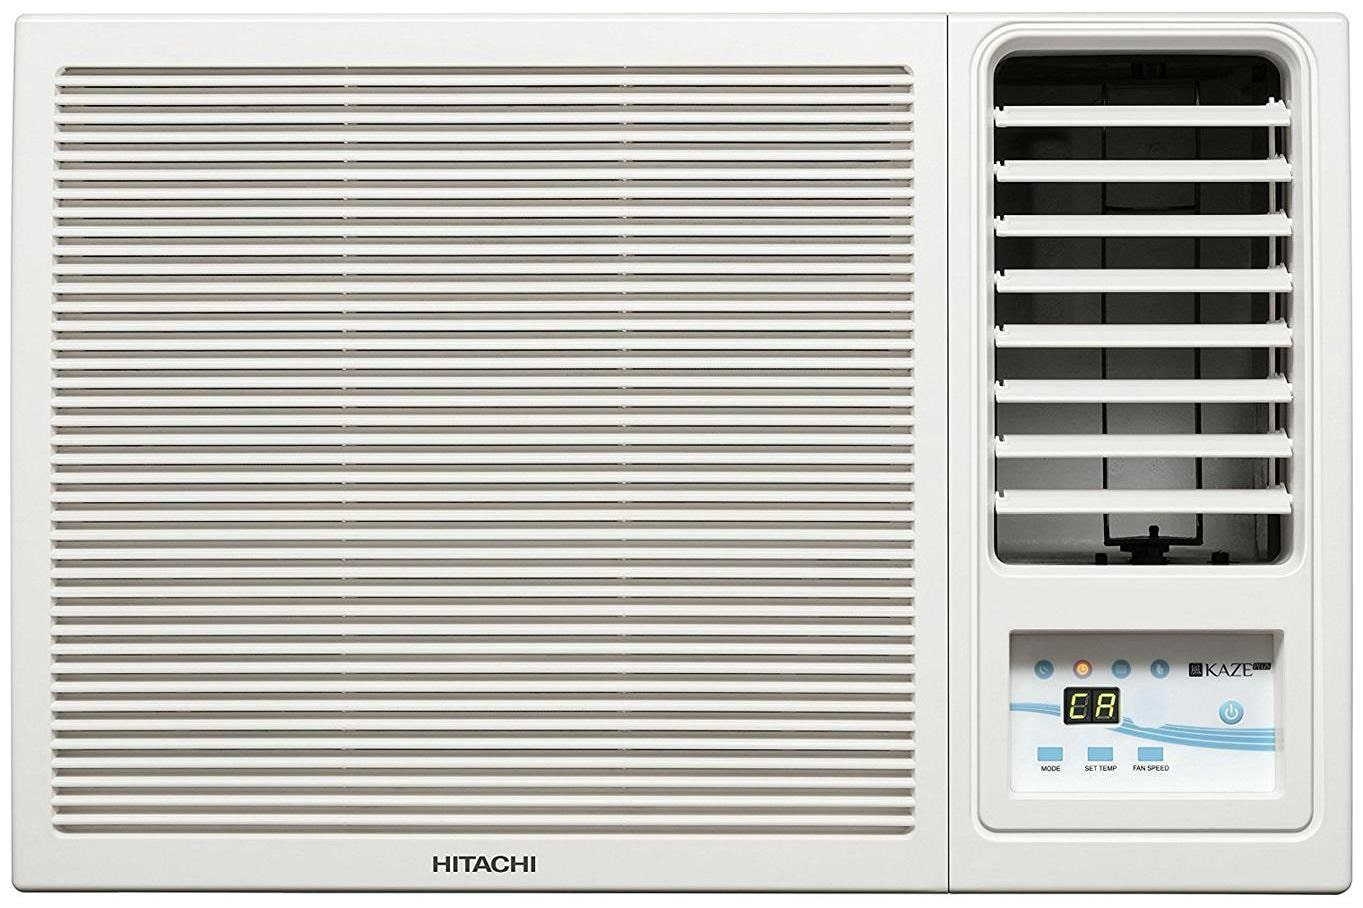 Hitachi 1.5 Ton 5 Star Window AC  RAW518KUDZ1, White  by Premium E Retailer